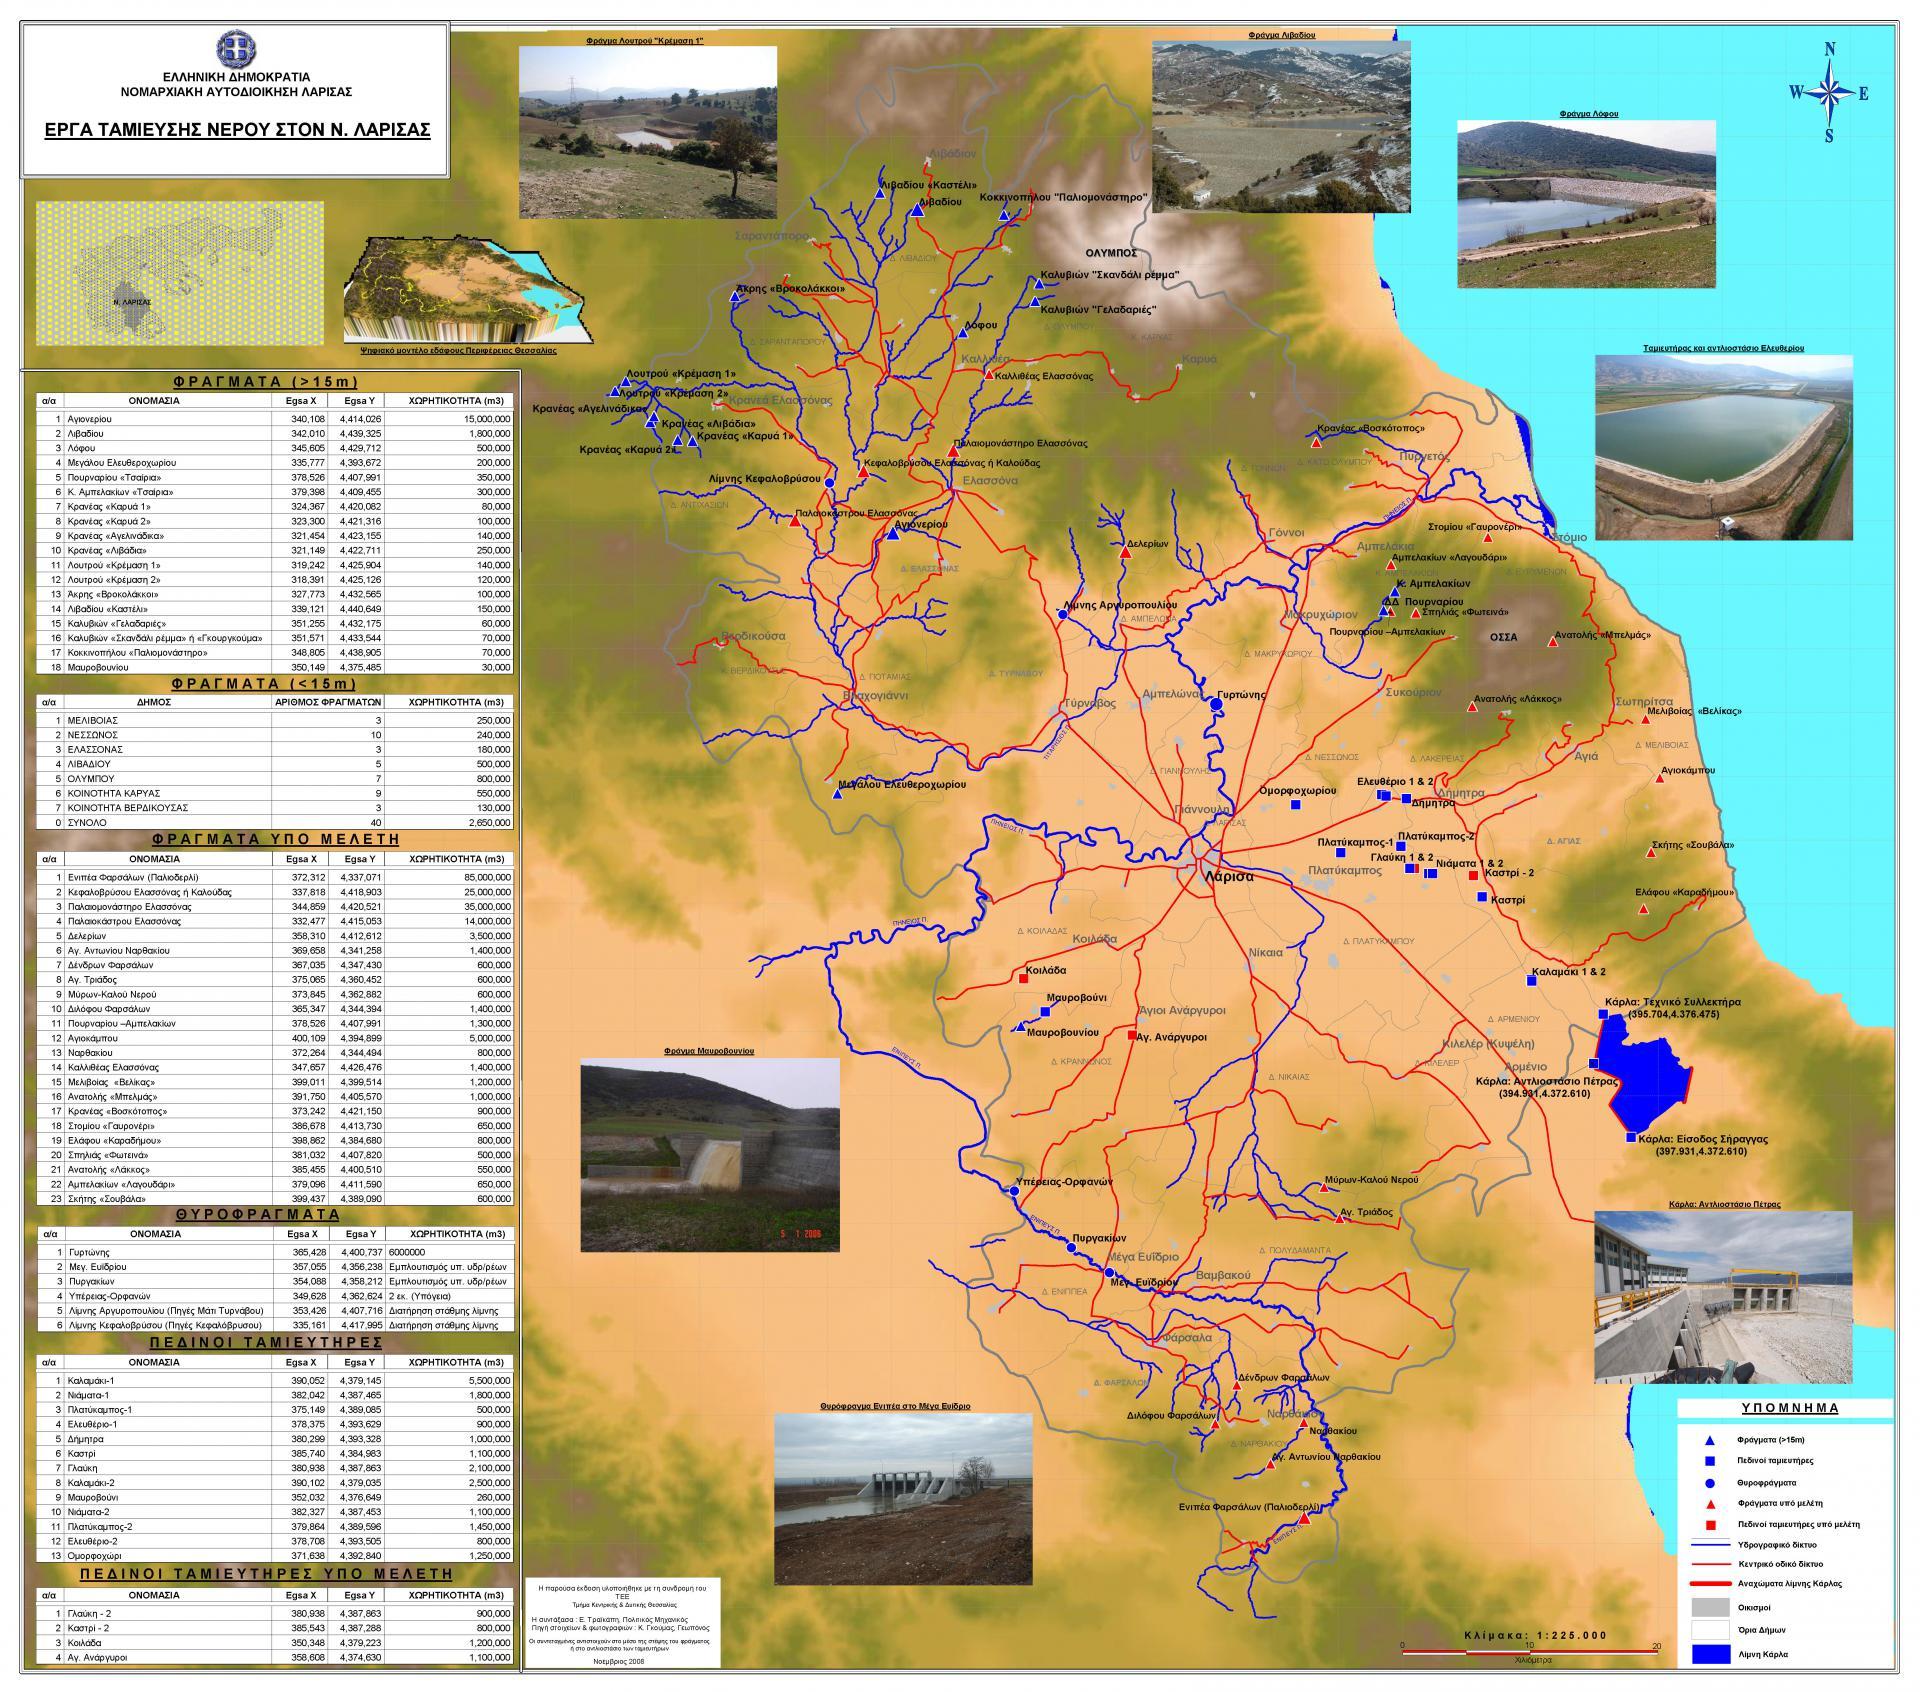 Χάρτης Έργων Ταμίευσης Νομού Λάρισας